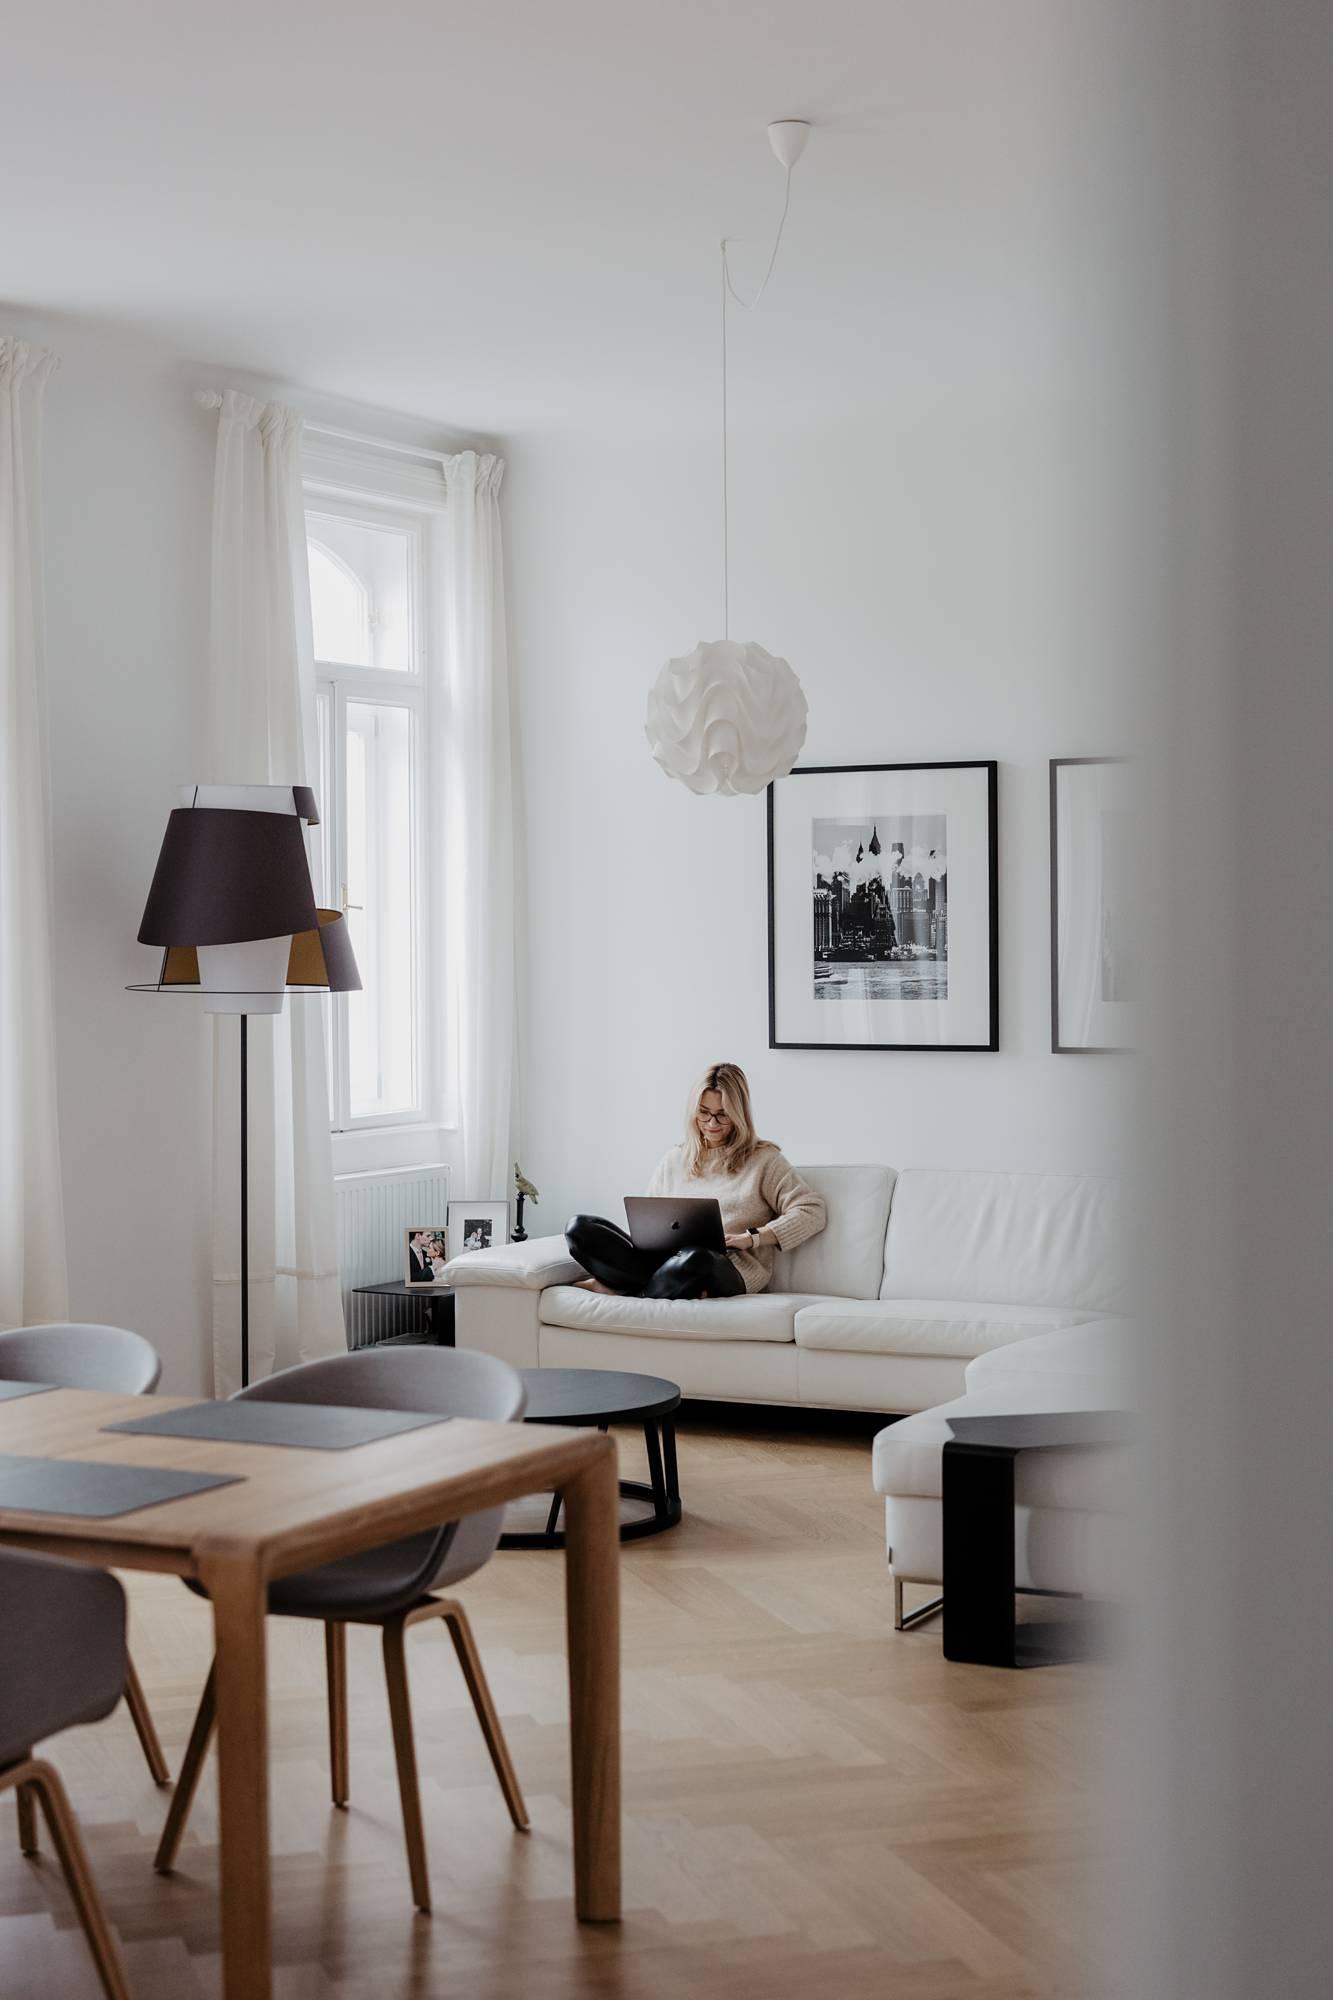 Altbautraum im Servitenviertel - Wiener Wohnsinnige Homestory